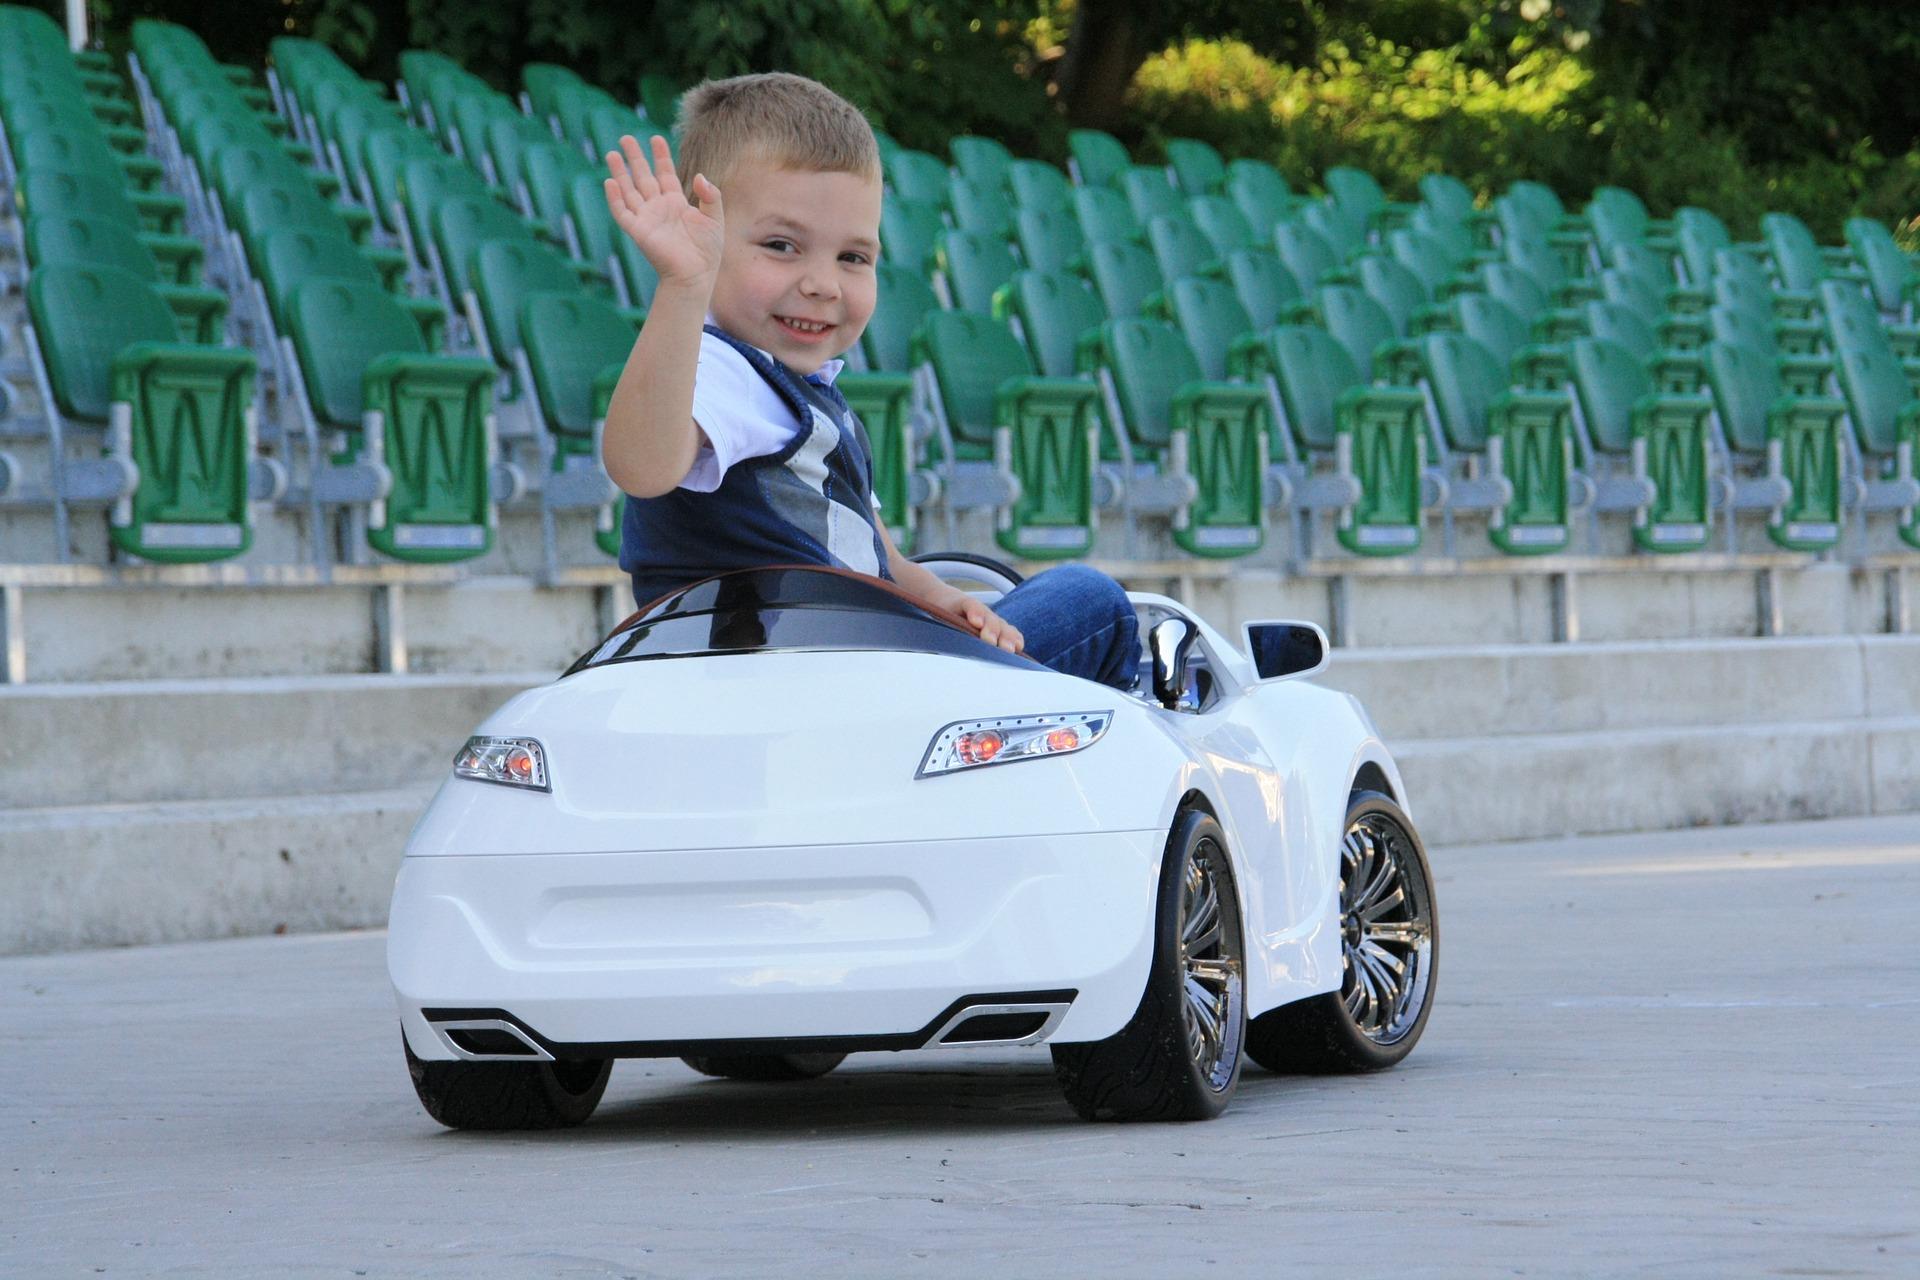 Voiture électrique enfant : Pourquoi acheter une voiture pour enfant ?